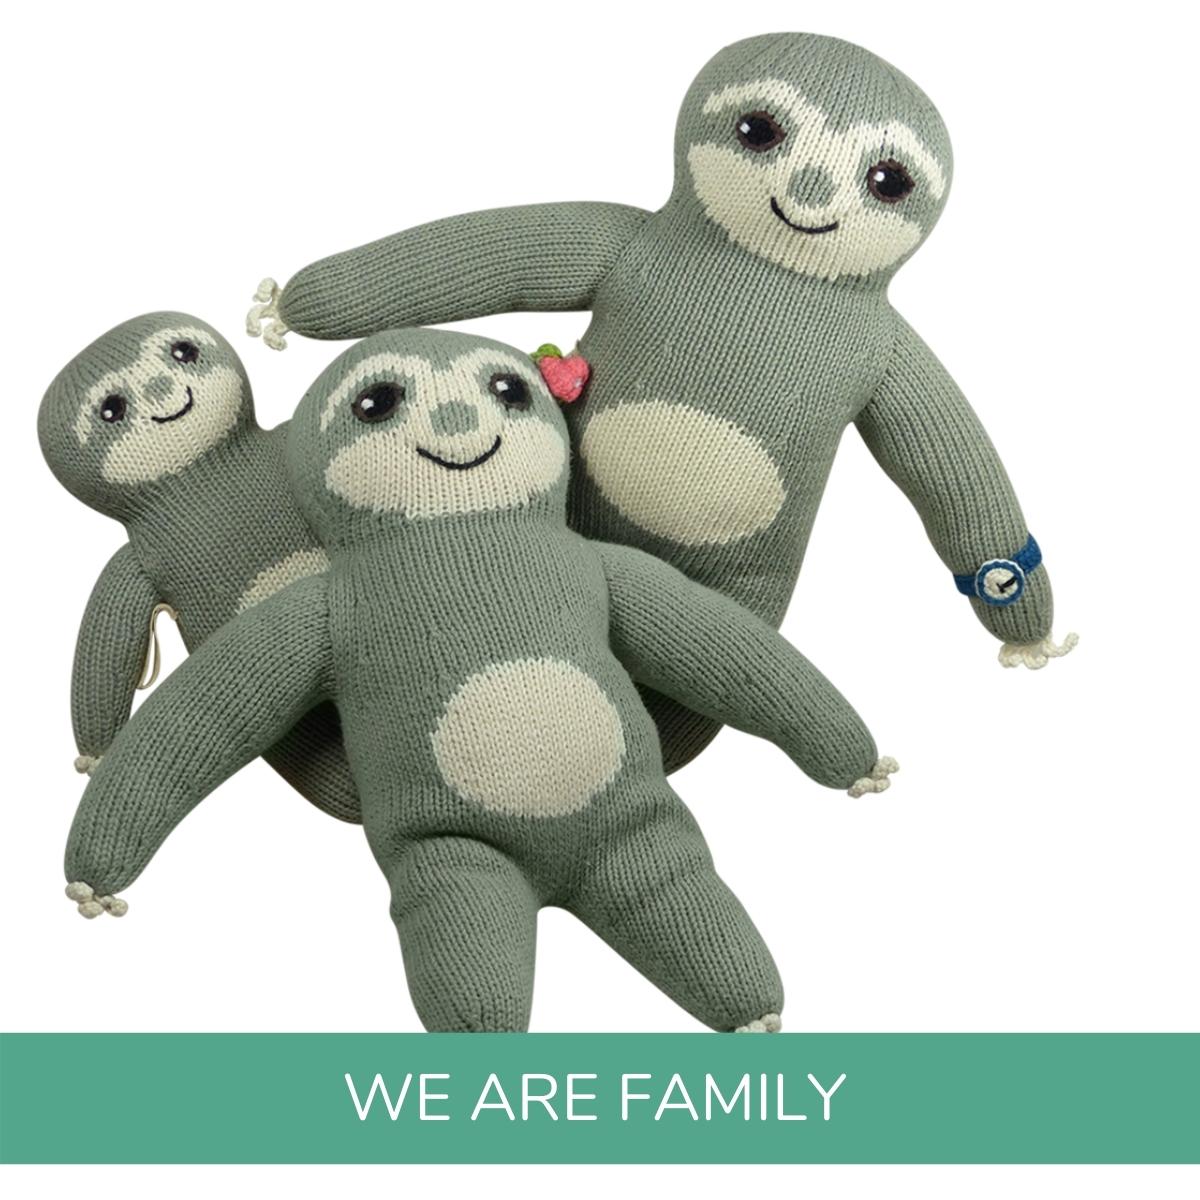 Geschwisterkinder_Geschenk_Faultier Familie